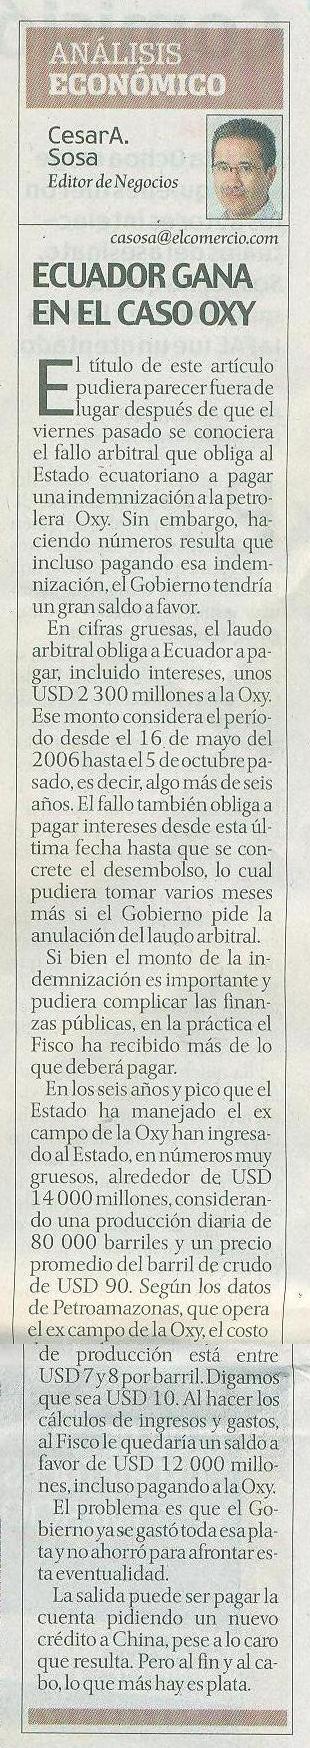 61-El Comercio, Ecuador gana en el caso Oxy, opinion 07 10